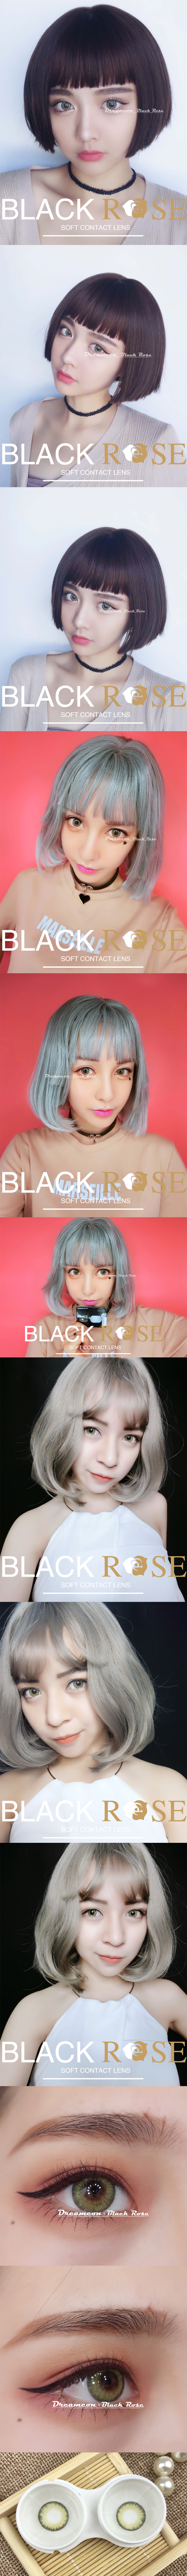 dreamcon blackrose